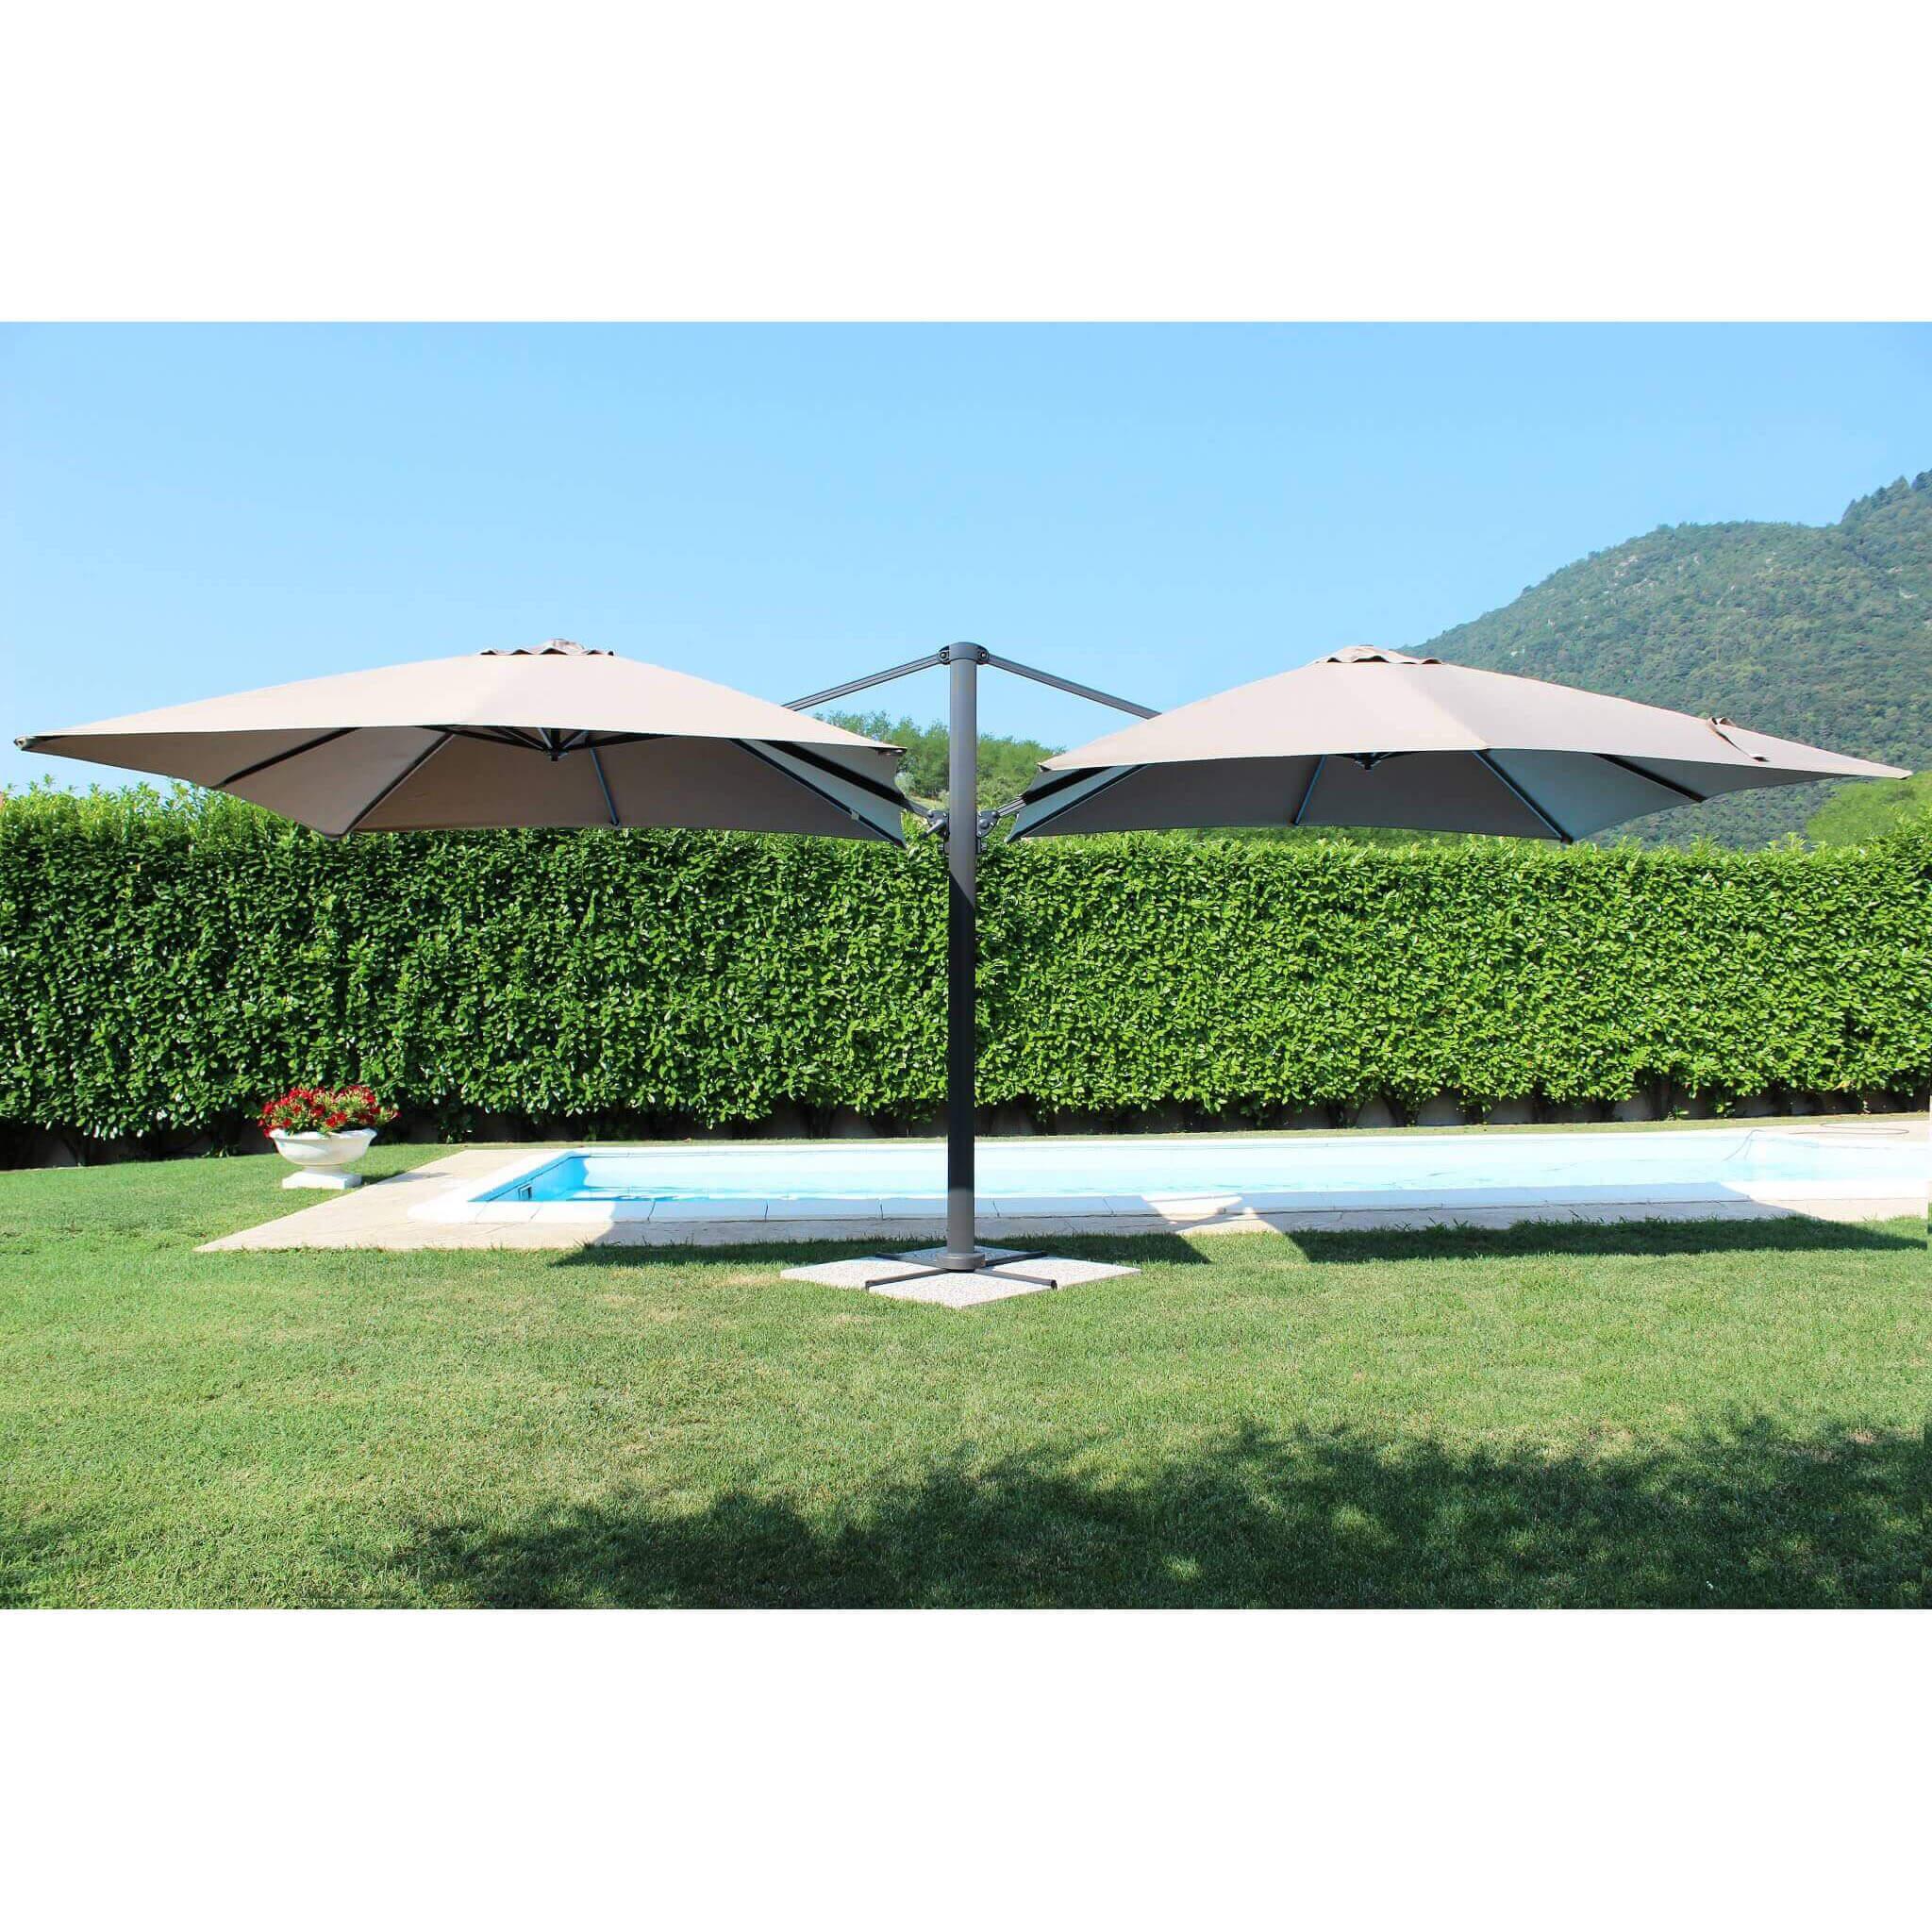 Milani Home DA VINCI - ombrellone doppio da giardino 3 X 3